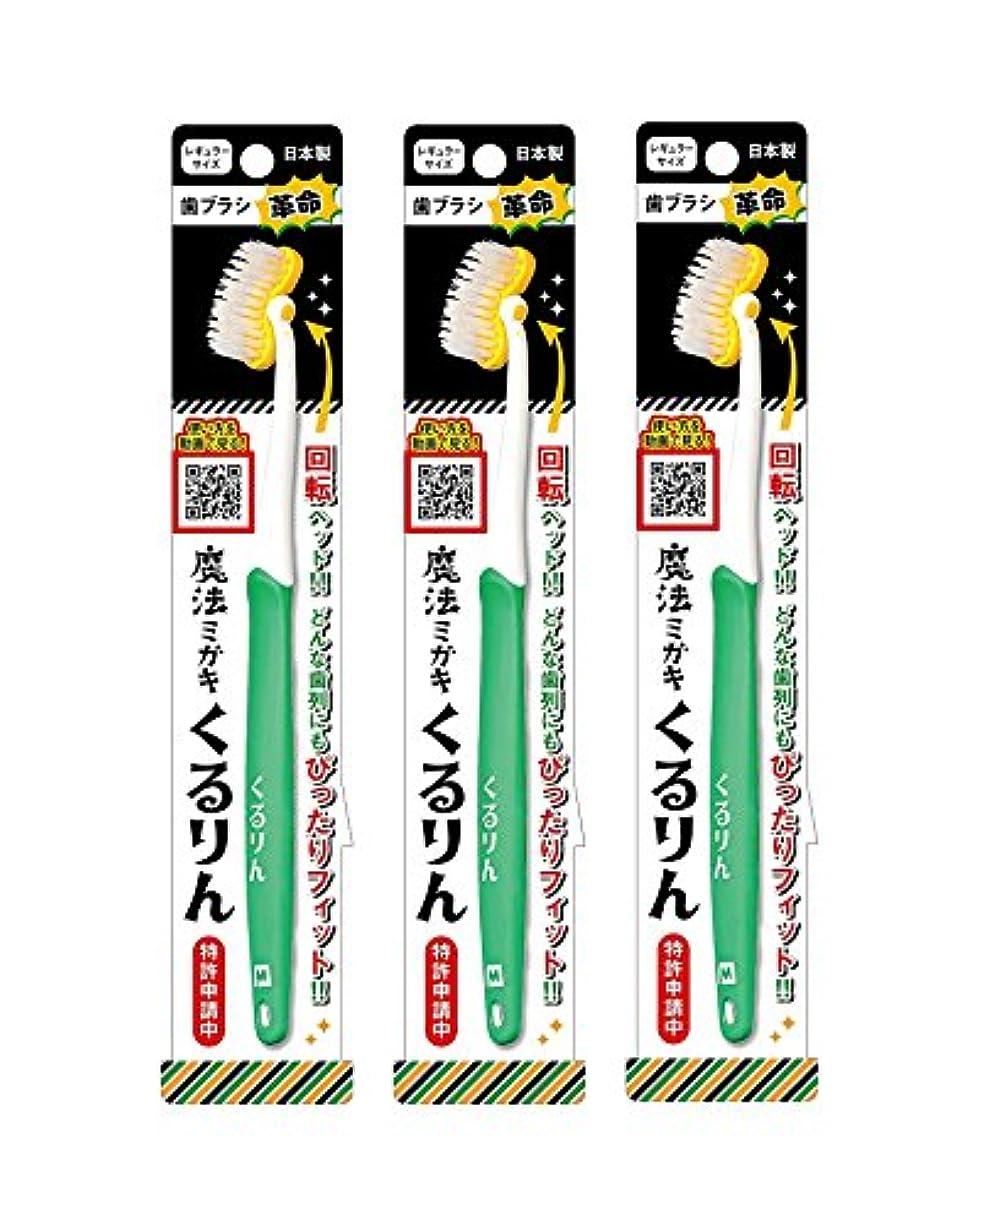 祝福生命体メトロポリタン歯ブラシ革命 魔法ミガキくるりん MM-151 グリーン 3本セット